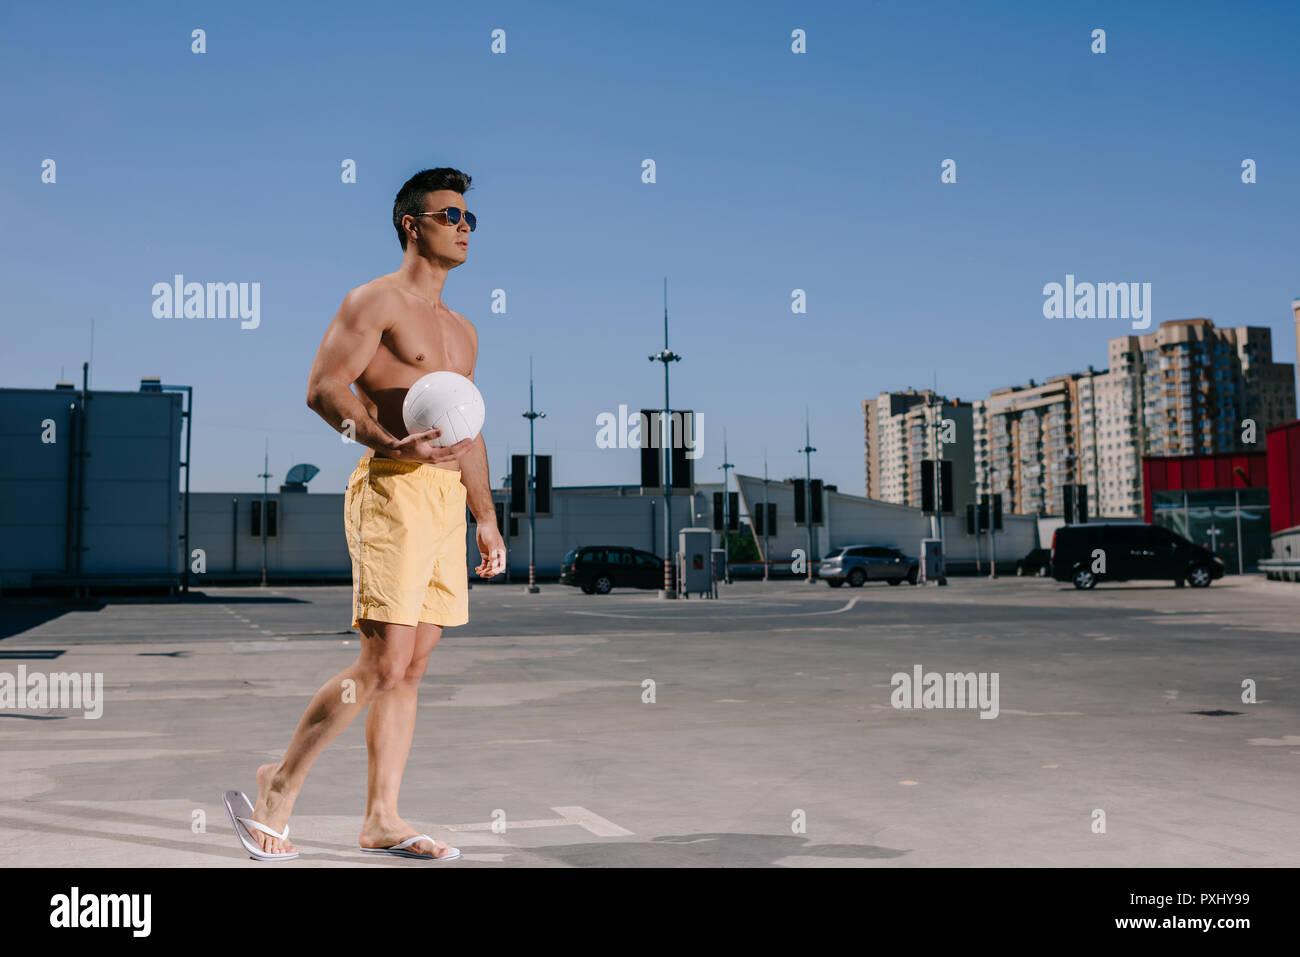 Shirtless Mann mit Volleyball Ball auf Parkplatz Stockbild